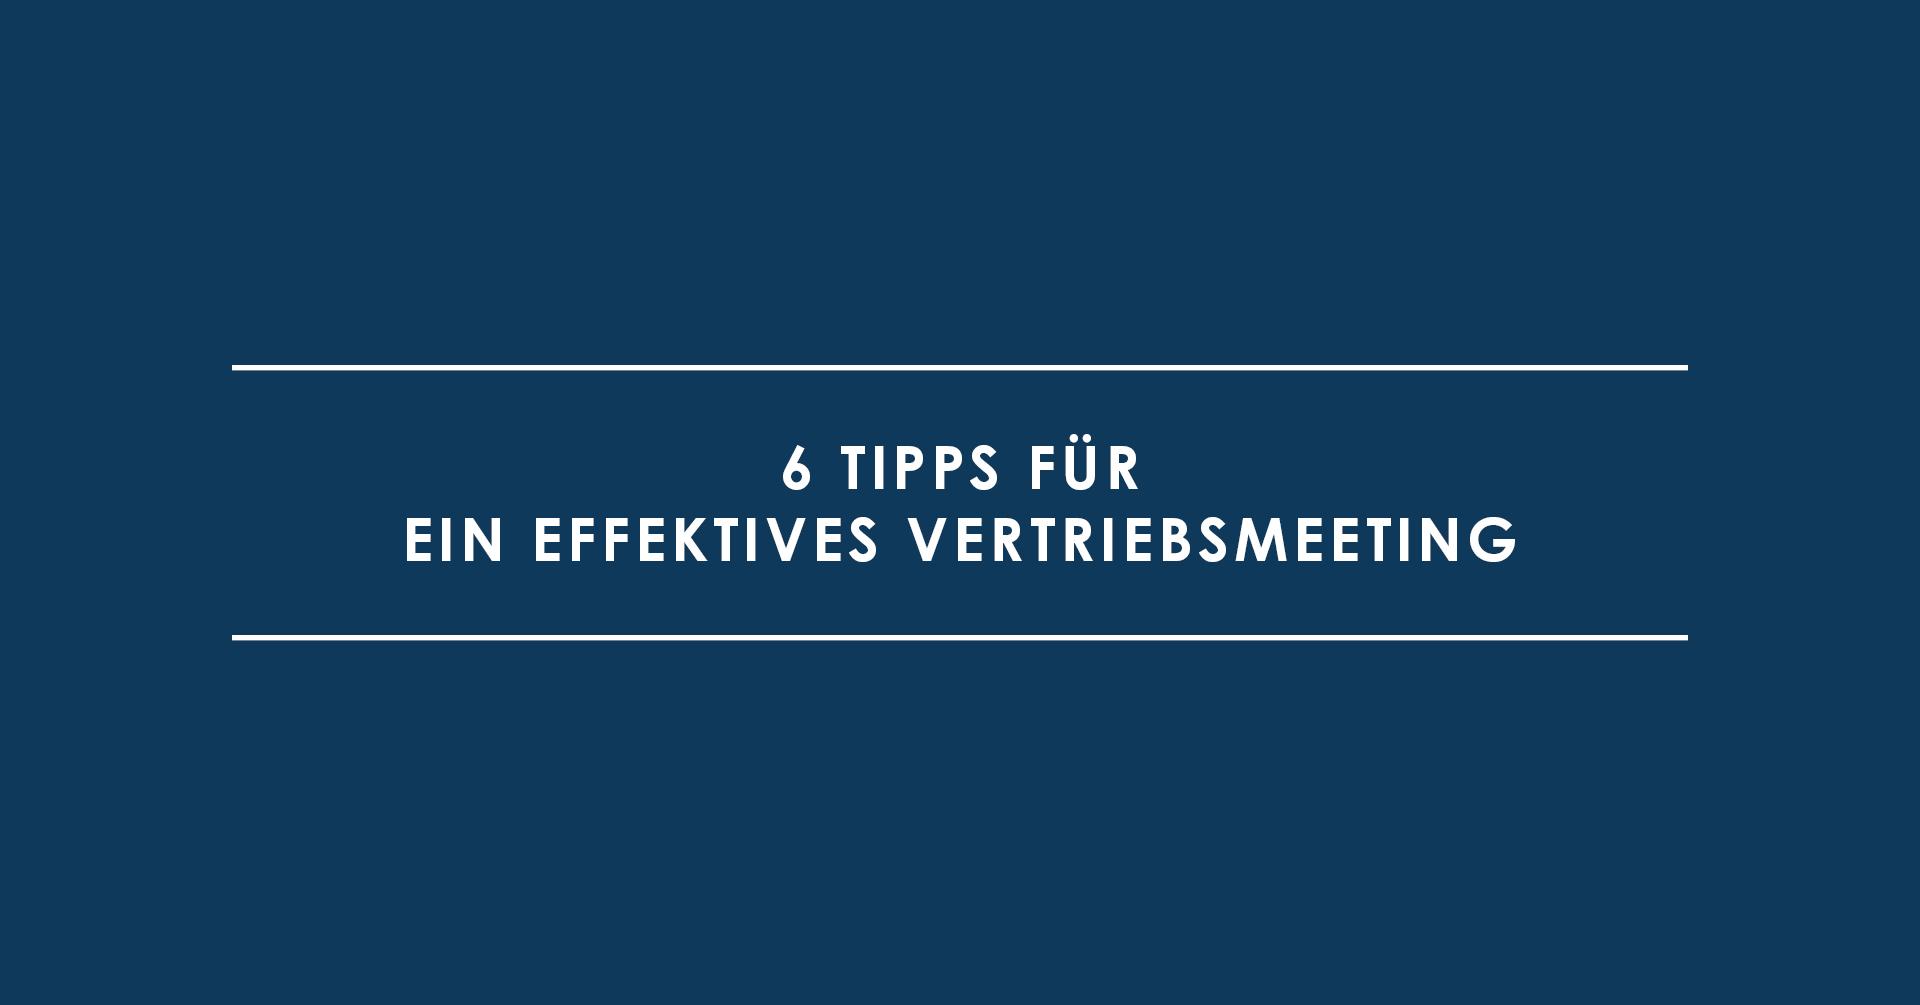 6 Tipps für ein effektives Vertriebsmeeting